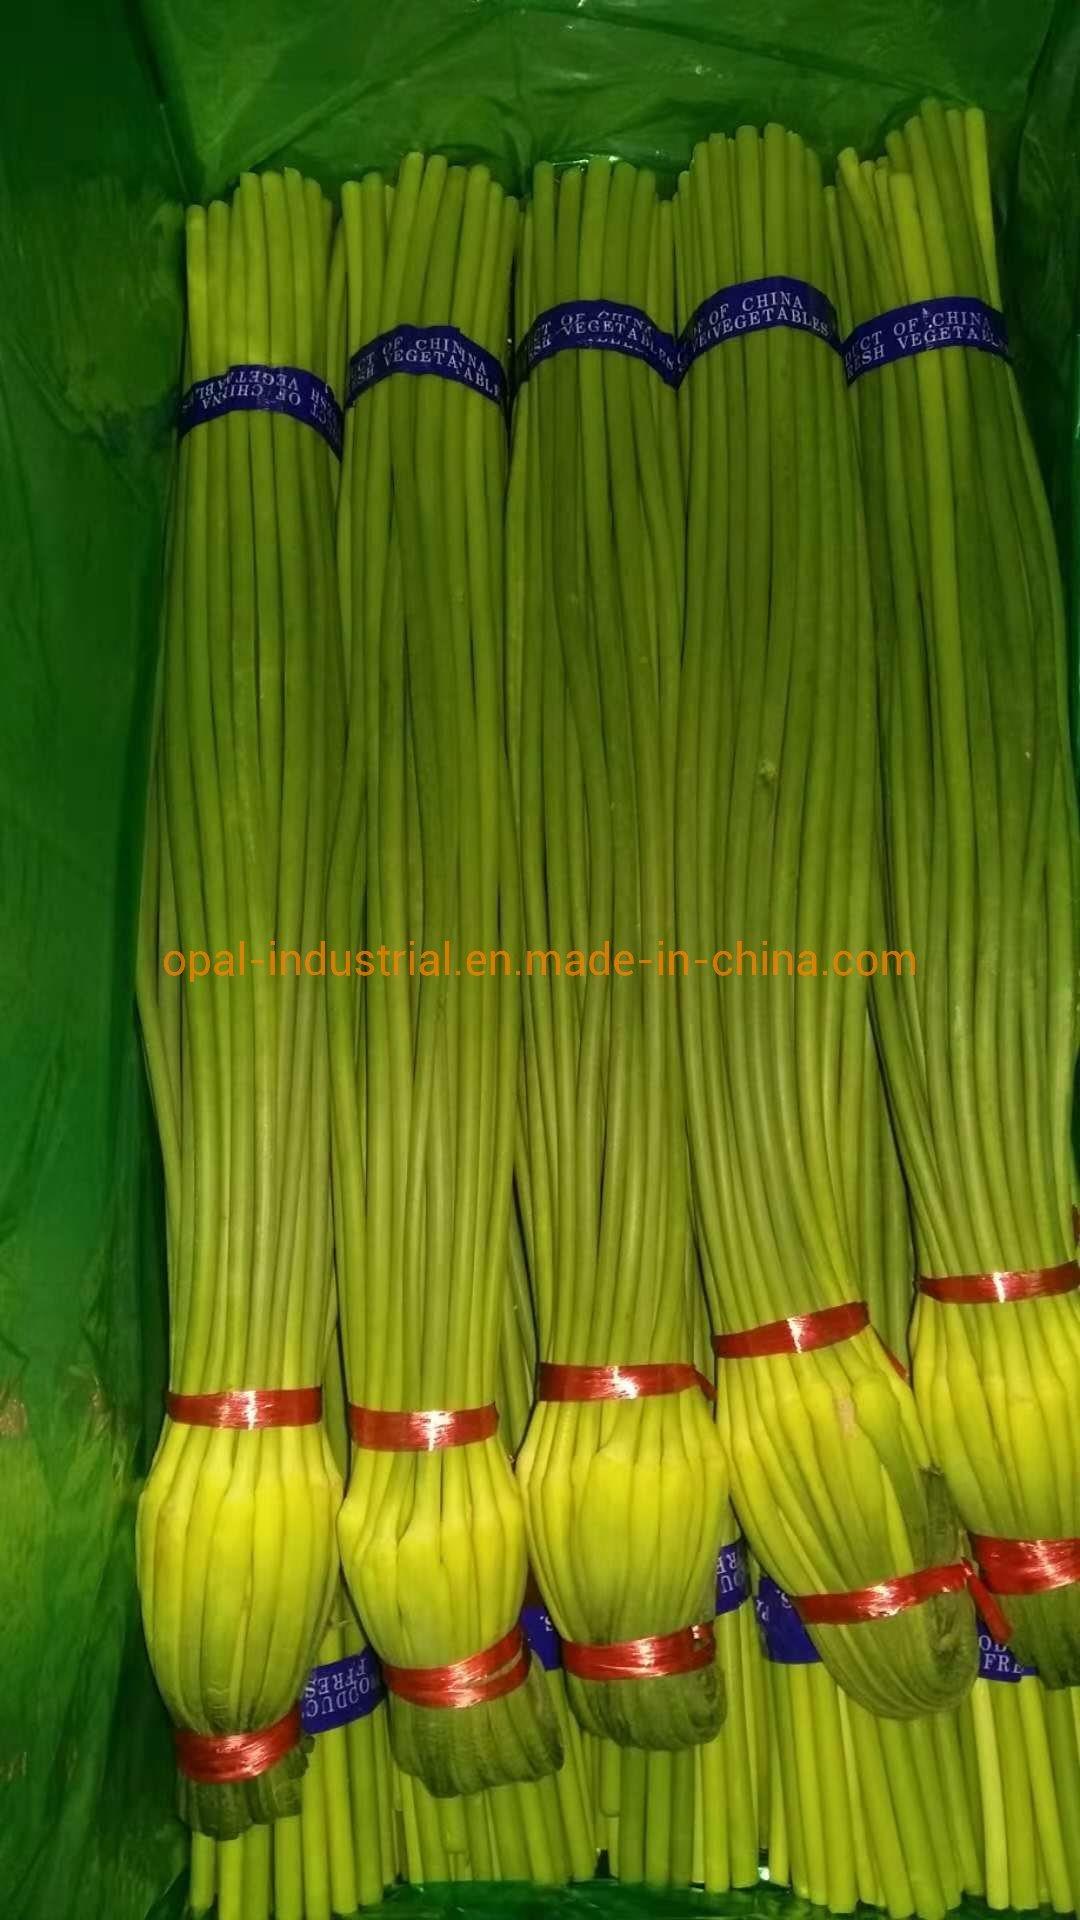 10kg karton dat het Nieuwe Knoflook van de Stam van de Spruit van de Bout van het Knoflook van het Gewas Verse inpakt